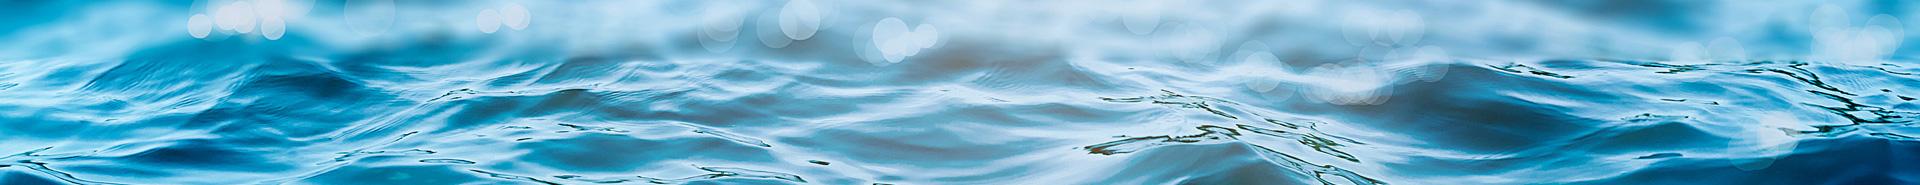 Wellen auf dem Wasser